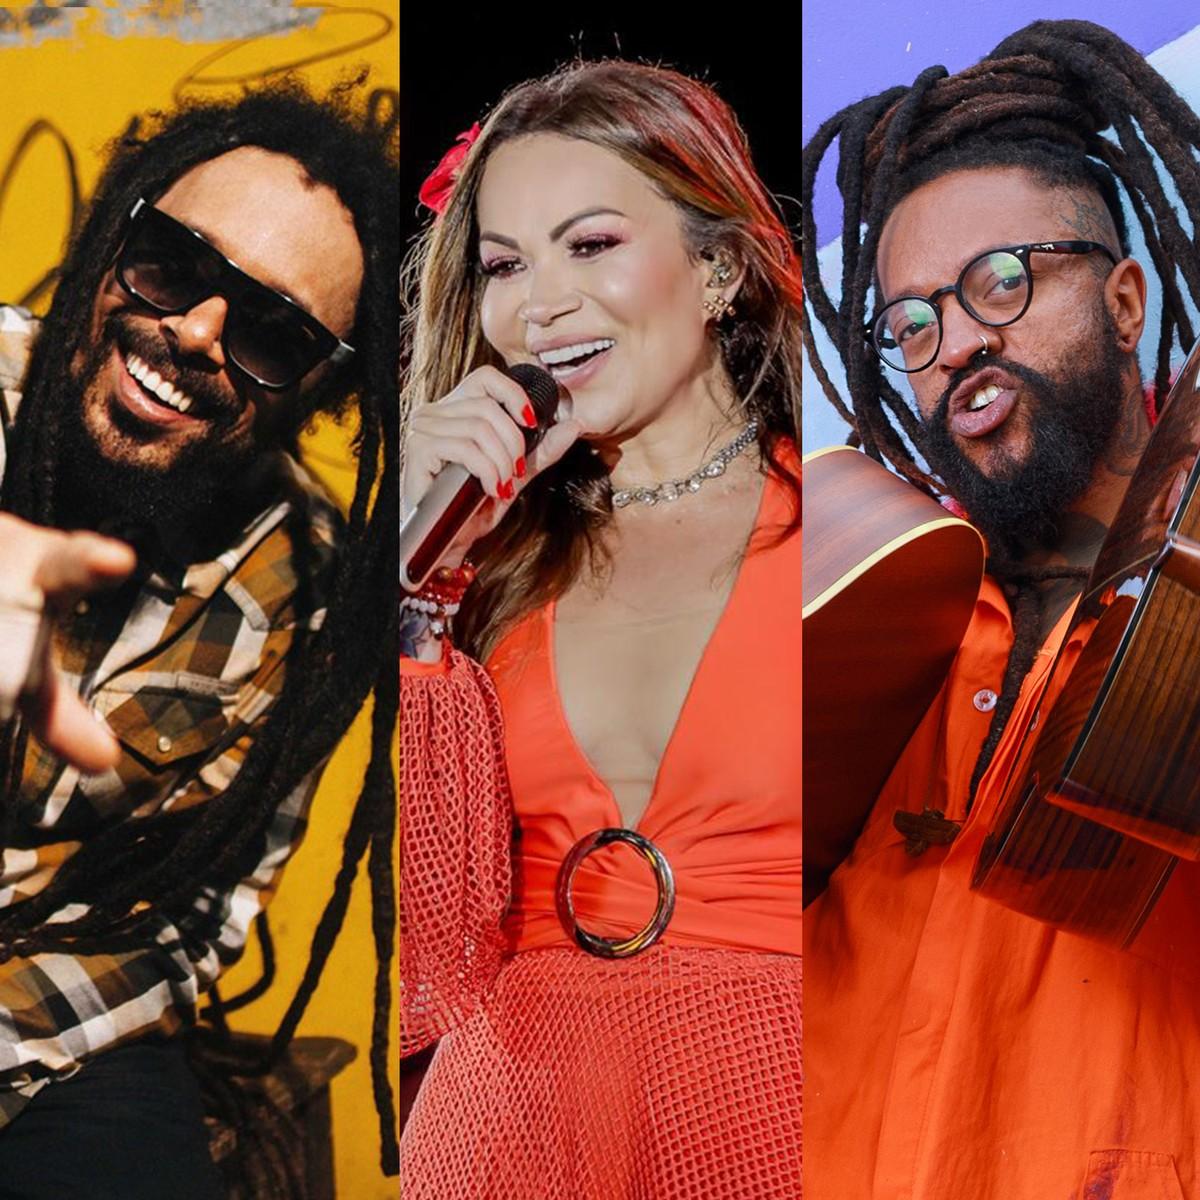 Lives de hoje: Marcelo Falcão, Solange Almeida, Rael e mais shows para ver em casa